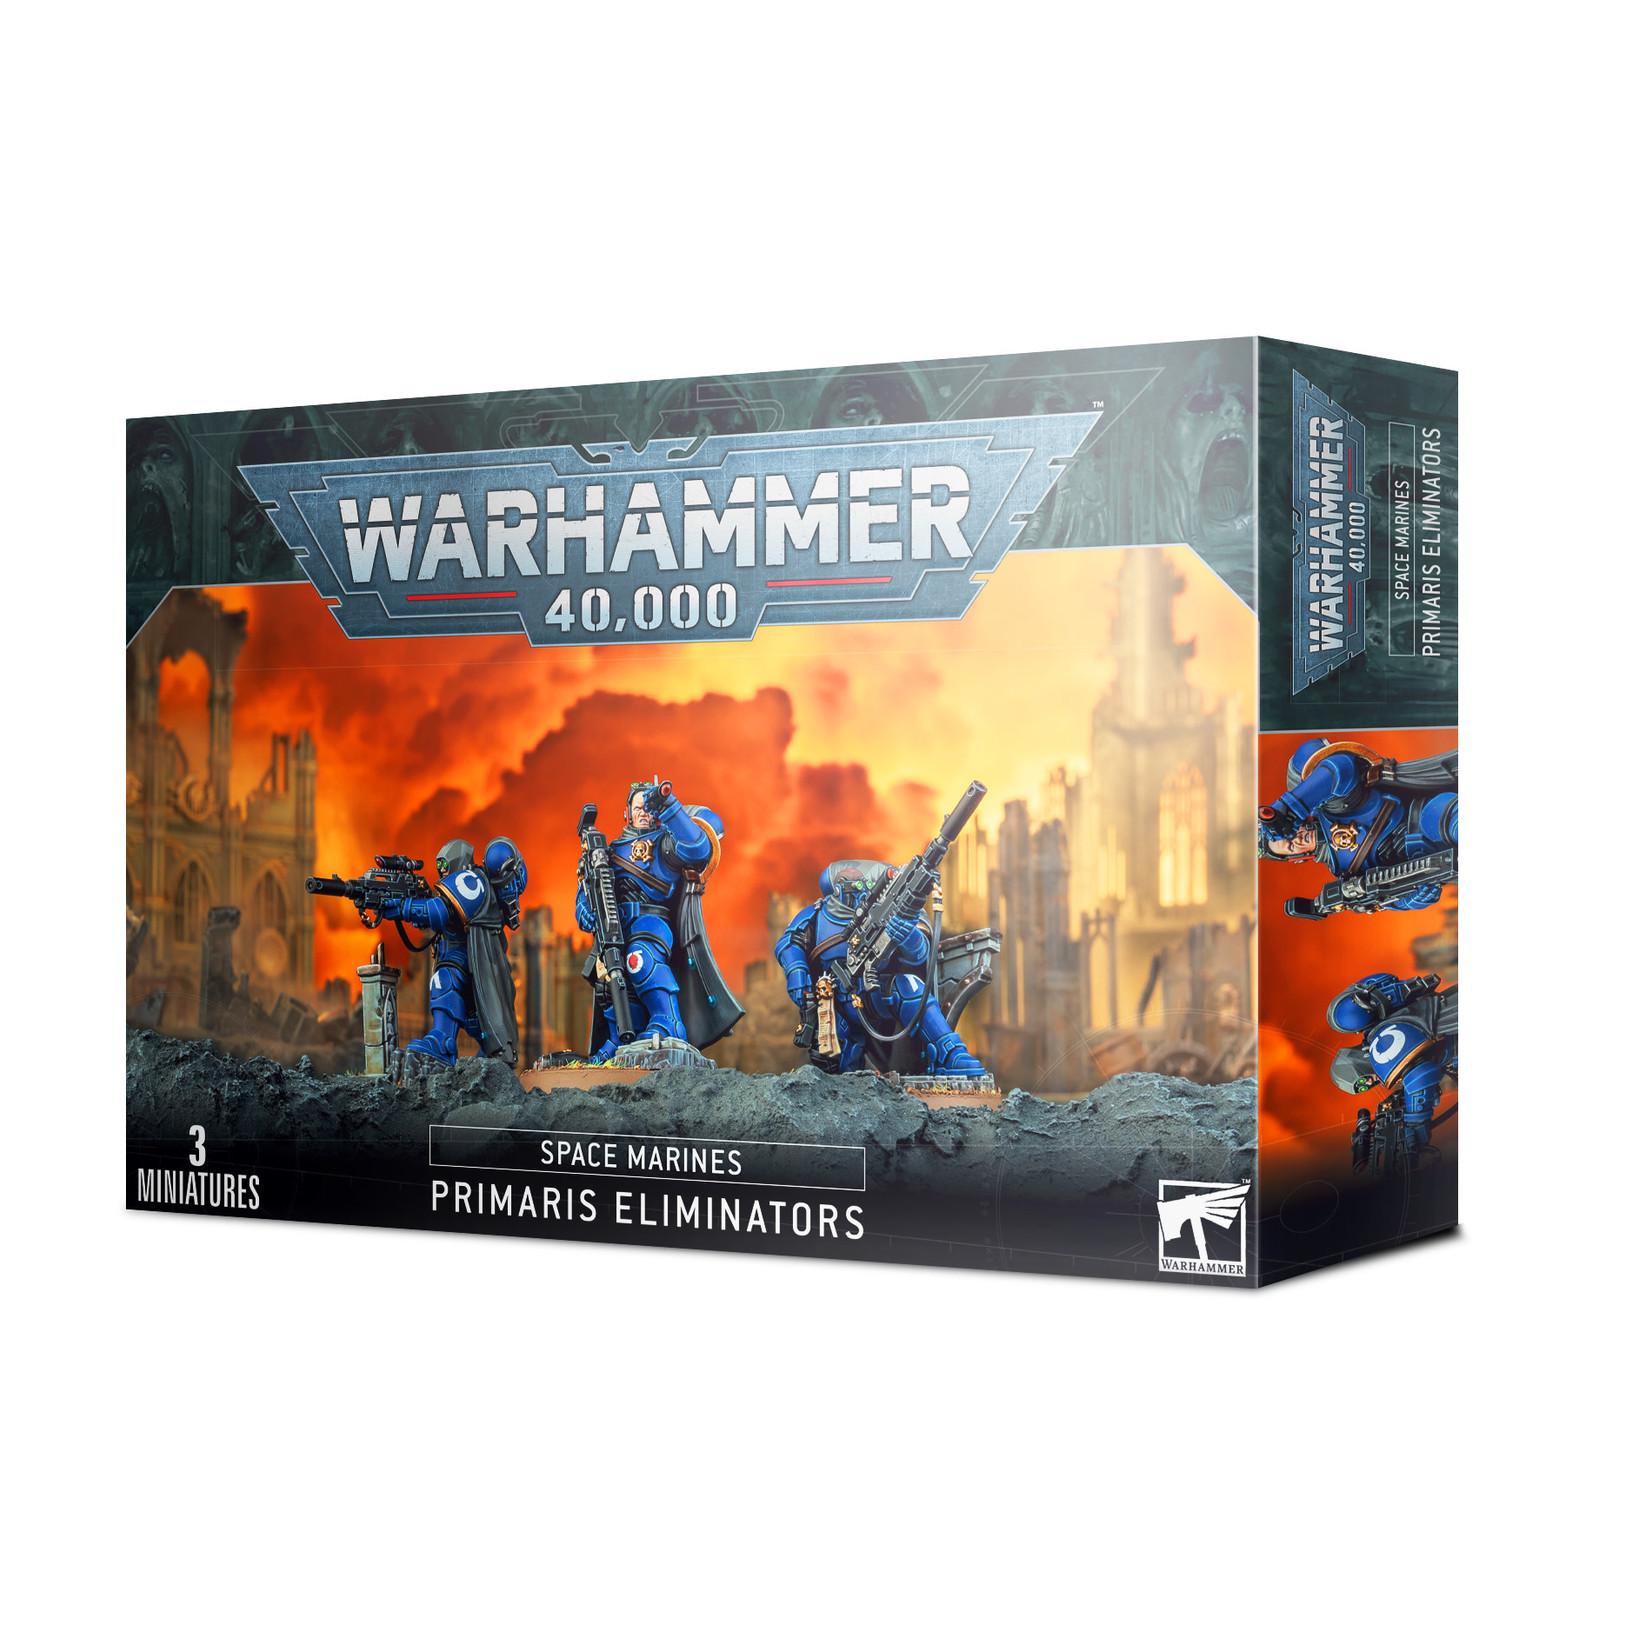 Warhammer 40K Space Marines - Primaris Eliminators